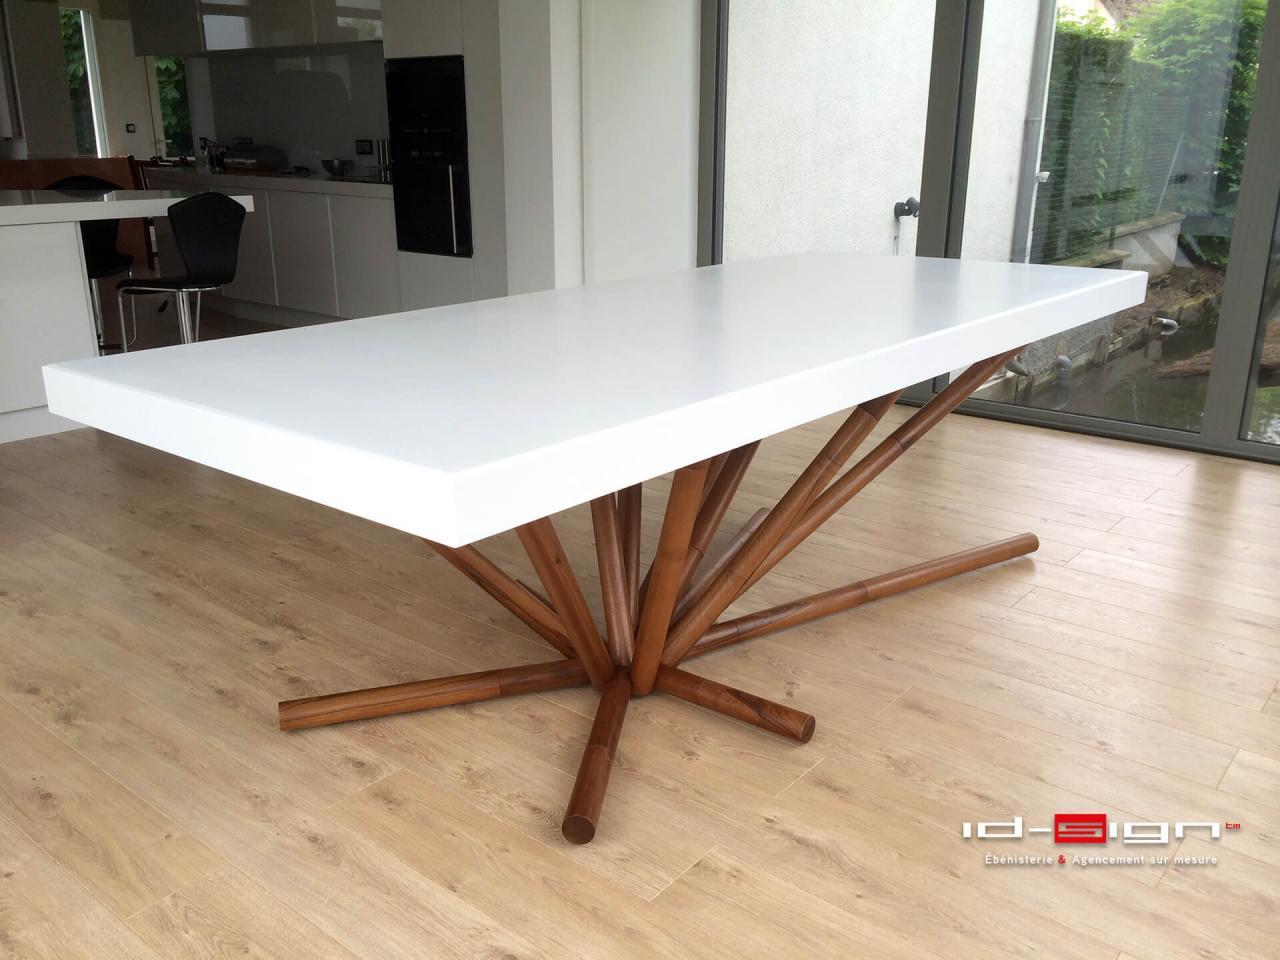 Table haut de gamme en bois